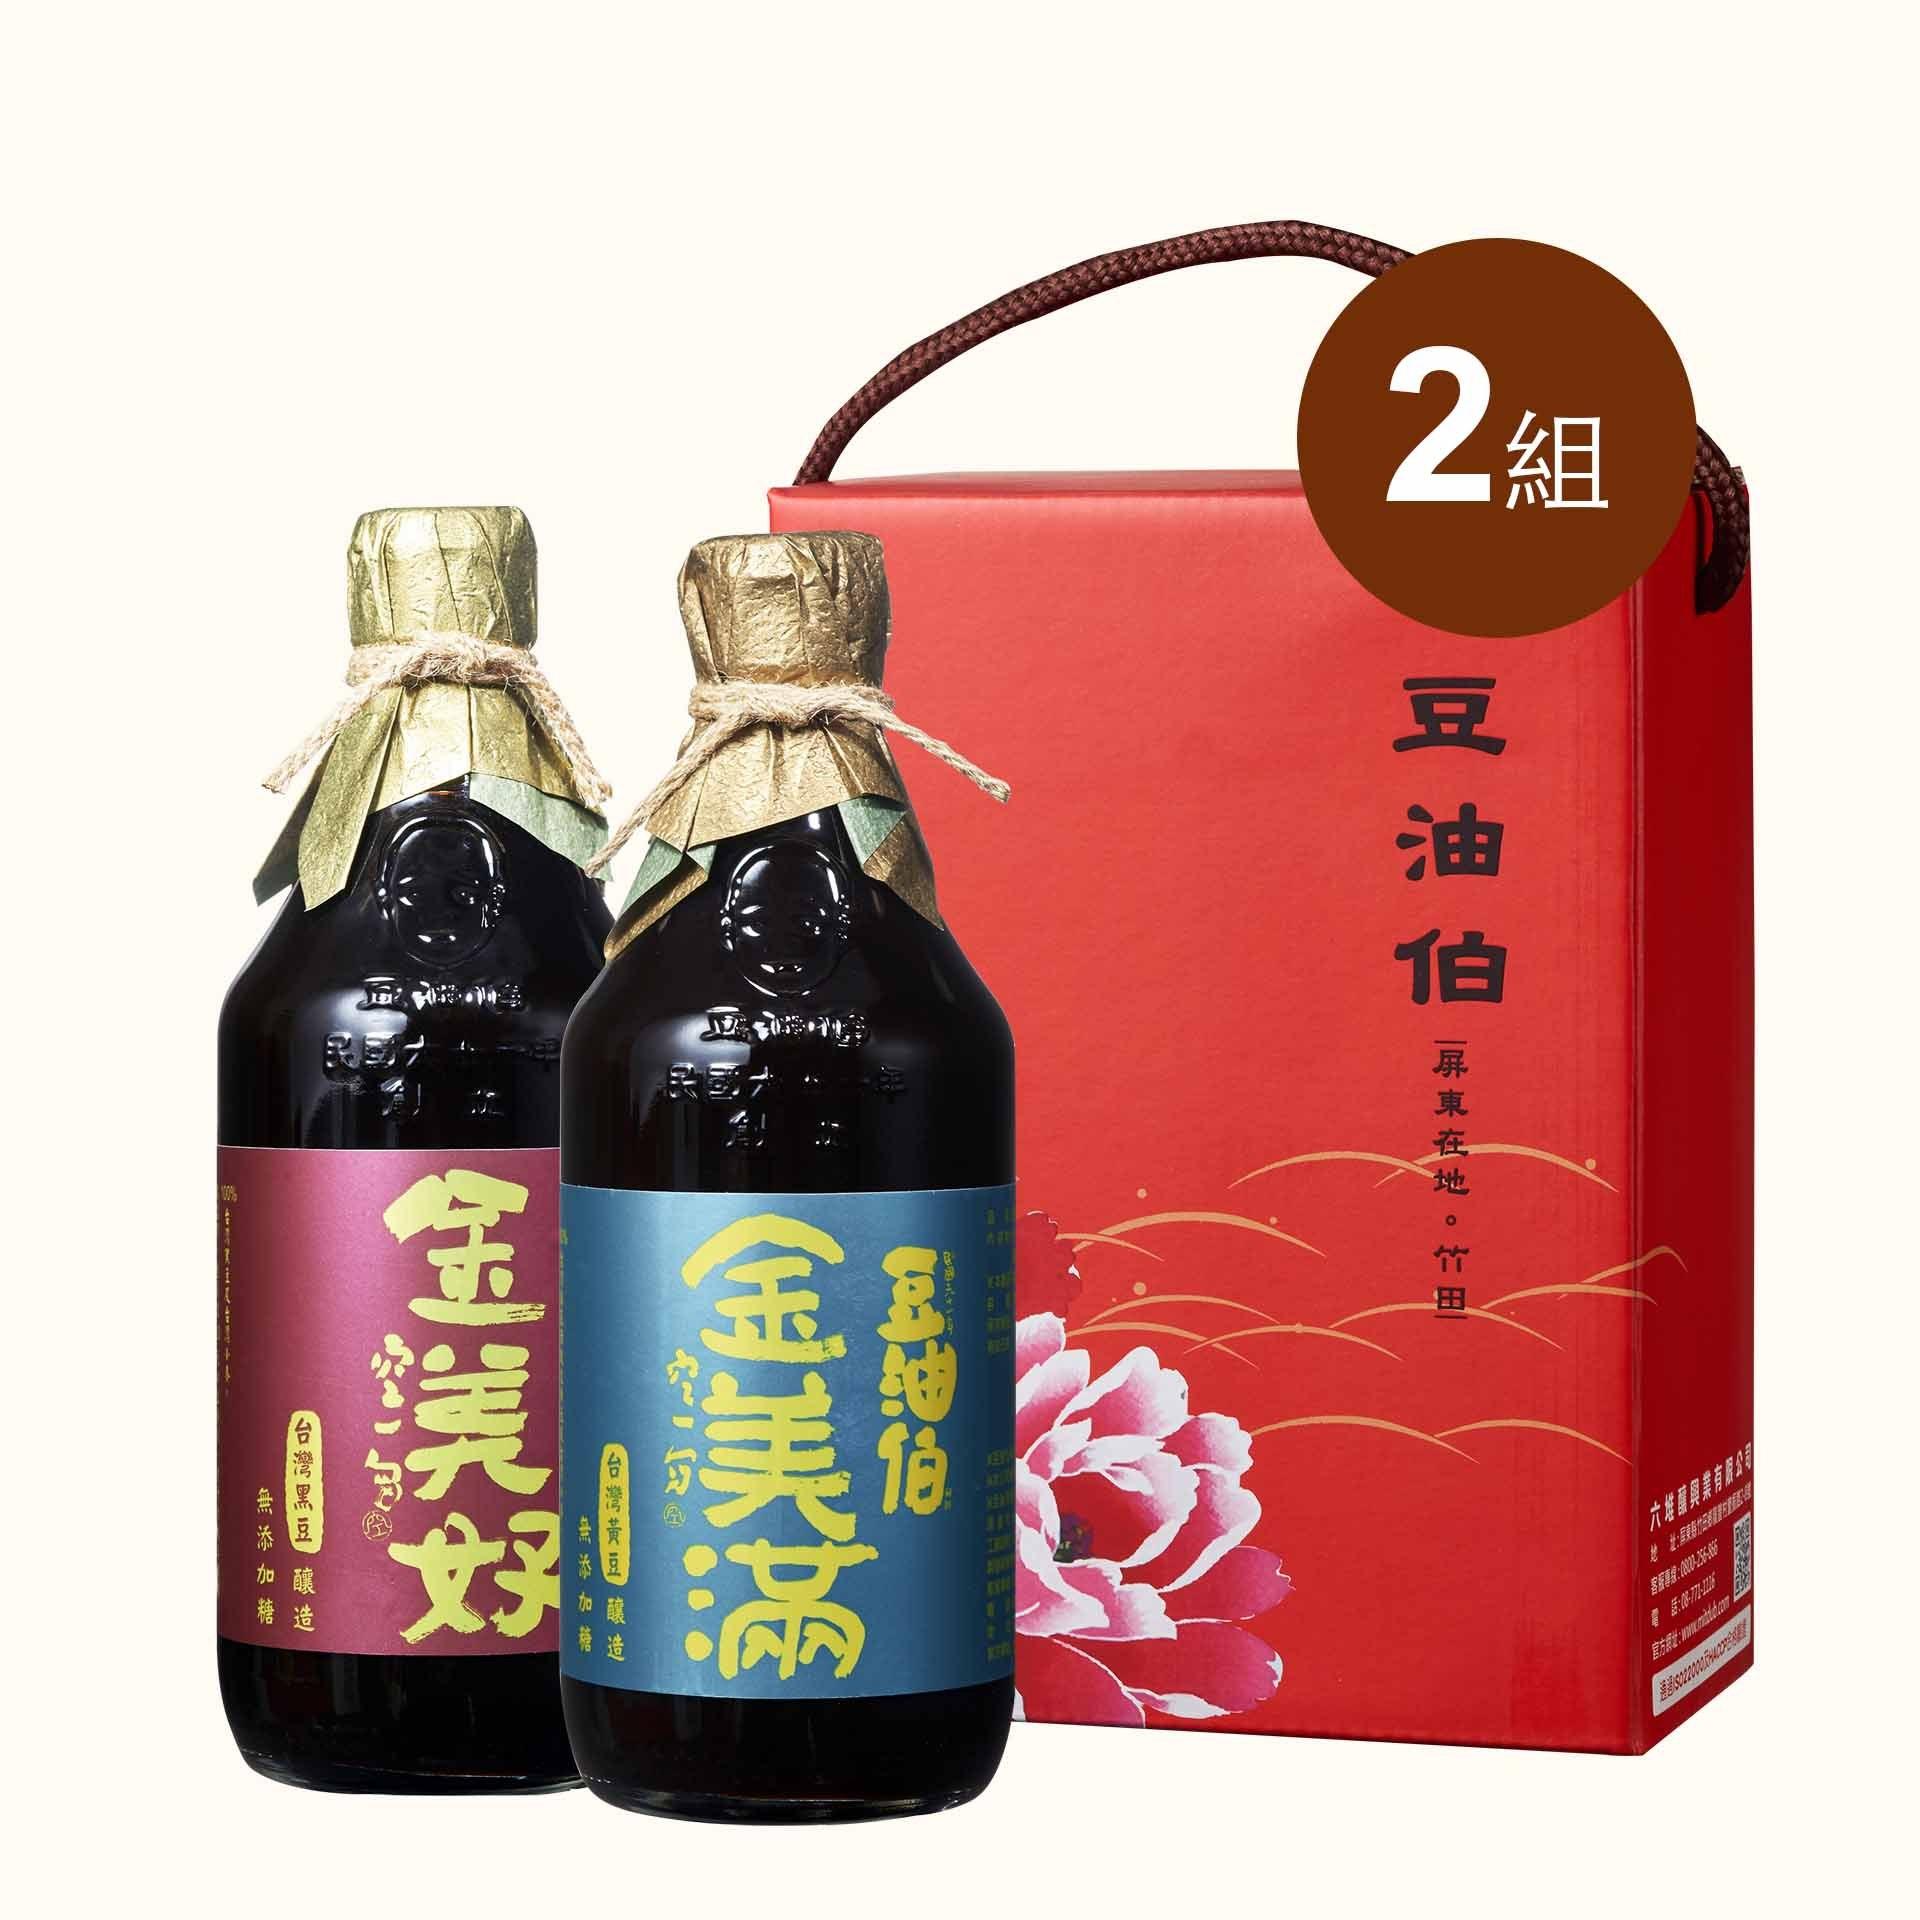 金美滿醬油2入+金美好醬油2入(禮盒2組,共4入)